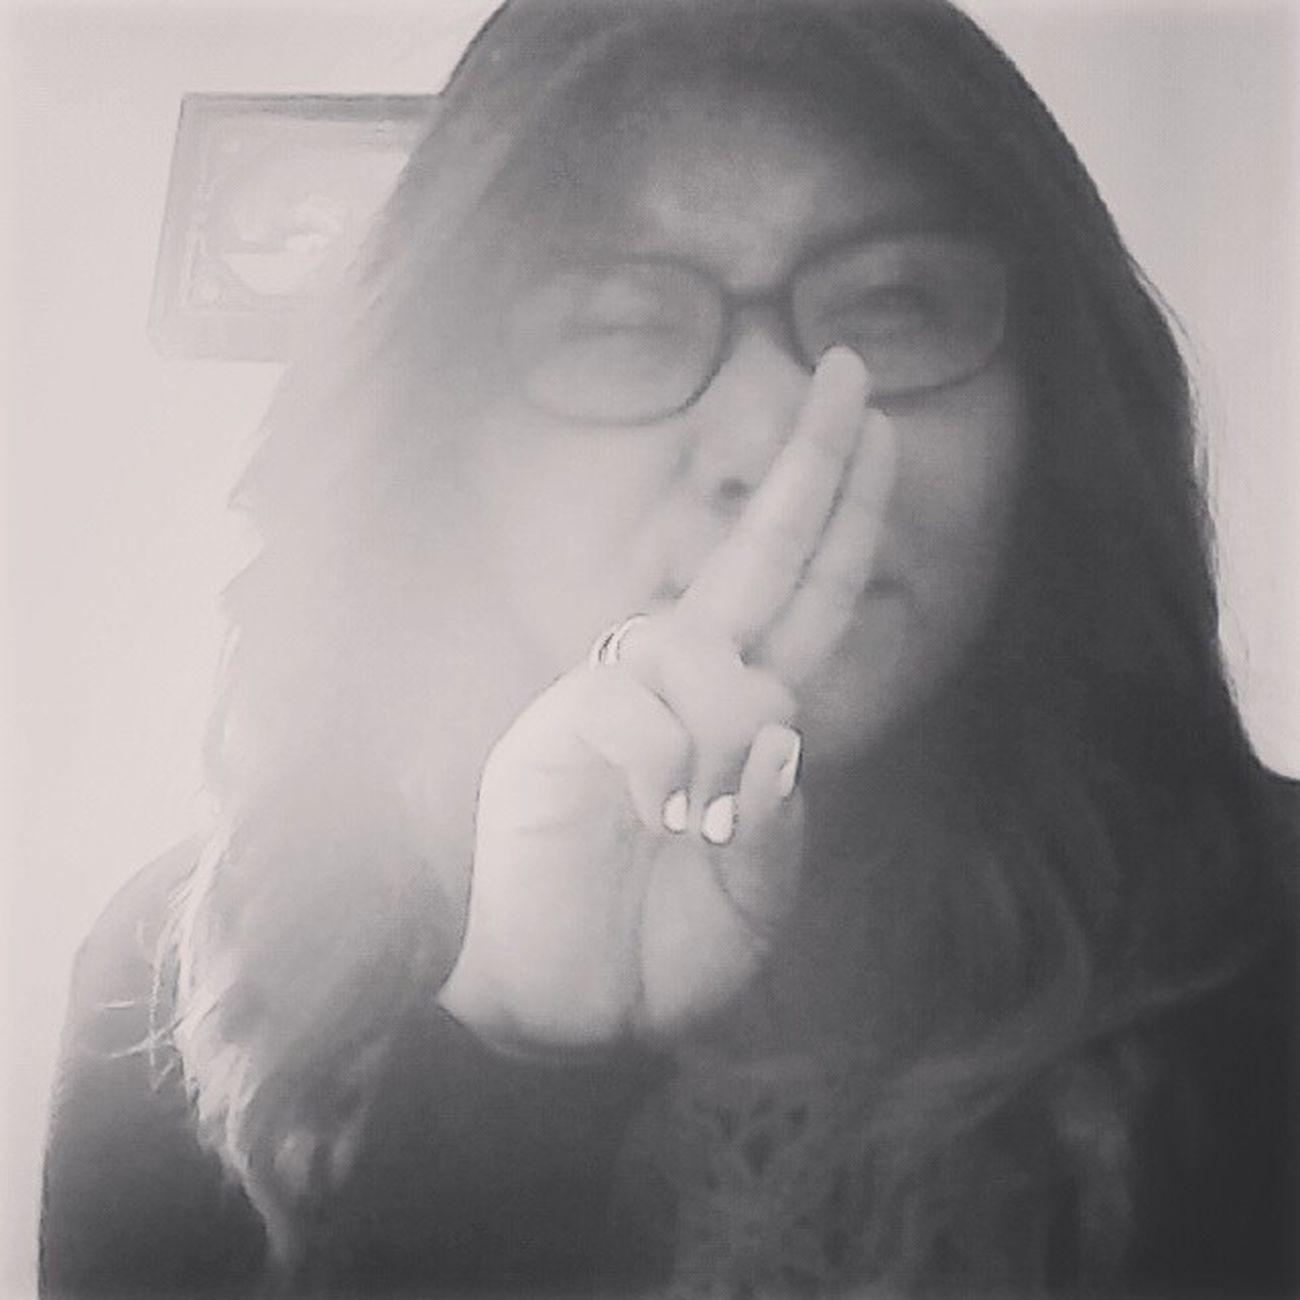 Quionda ! 😝👌💕✌